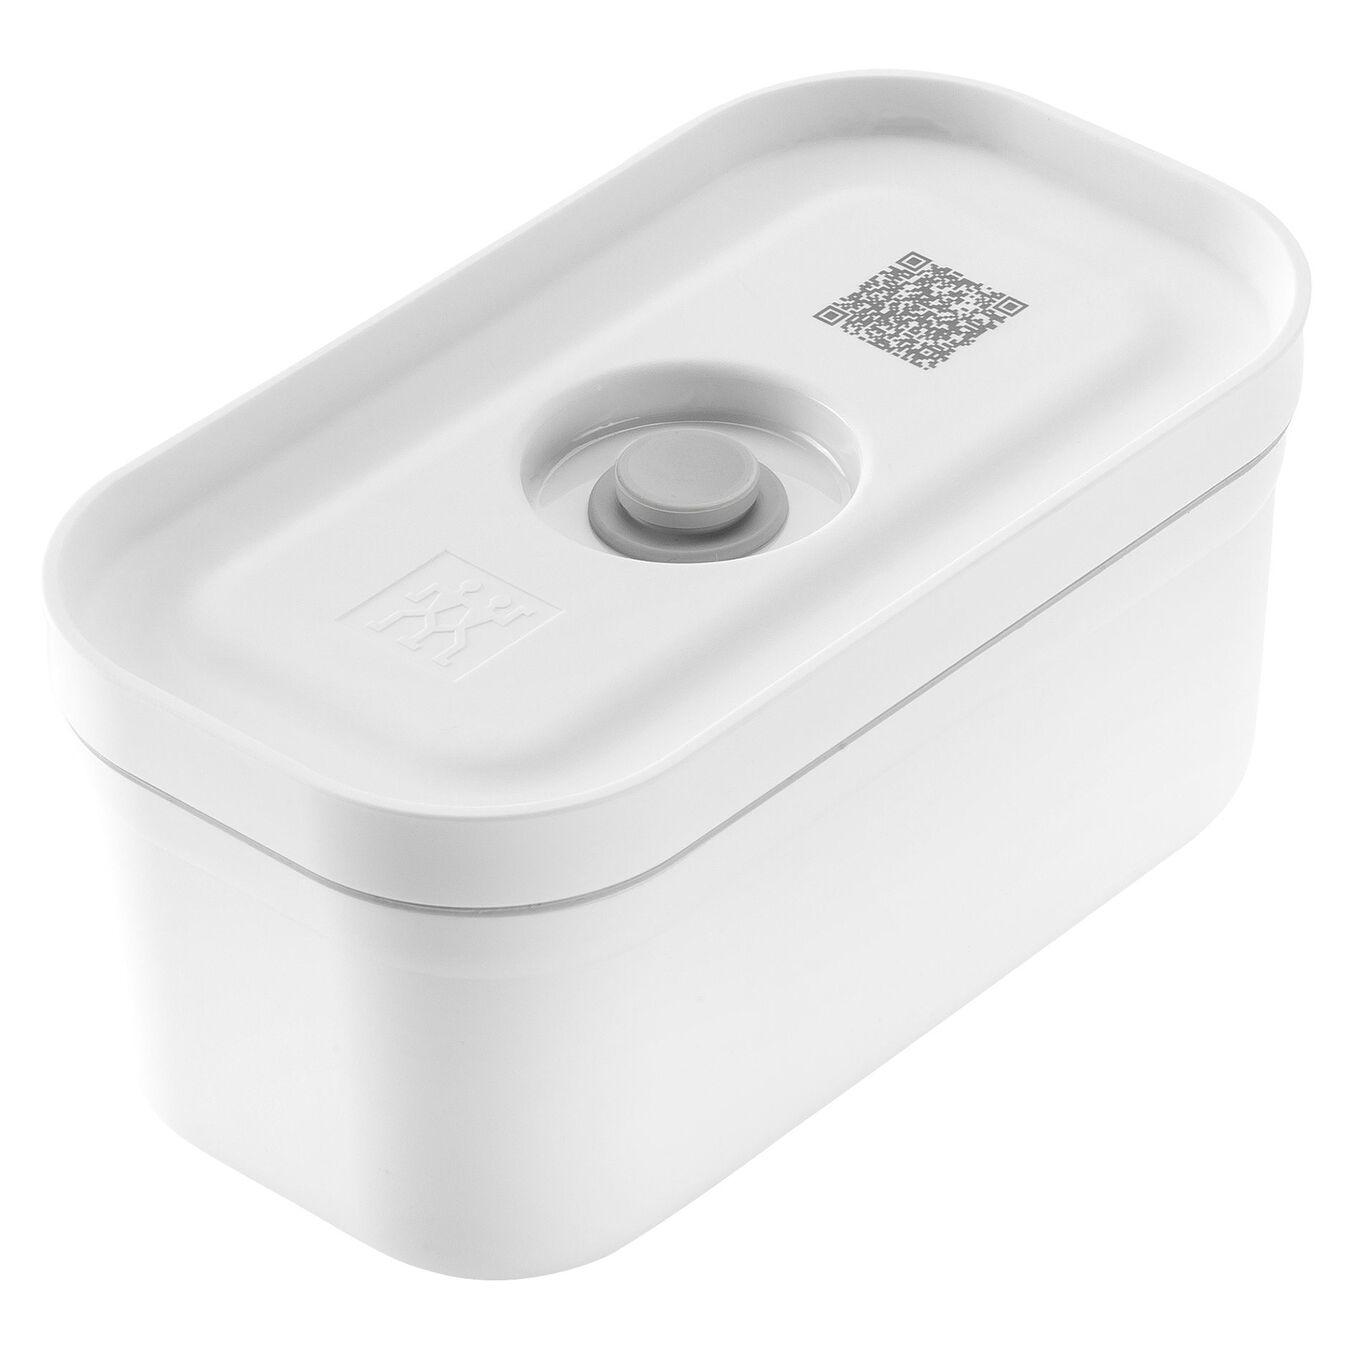 Lunch box sottovuoto - S, plastica, bianco,,large 1